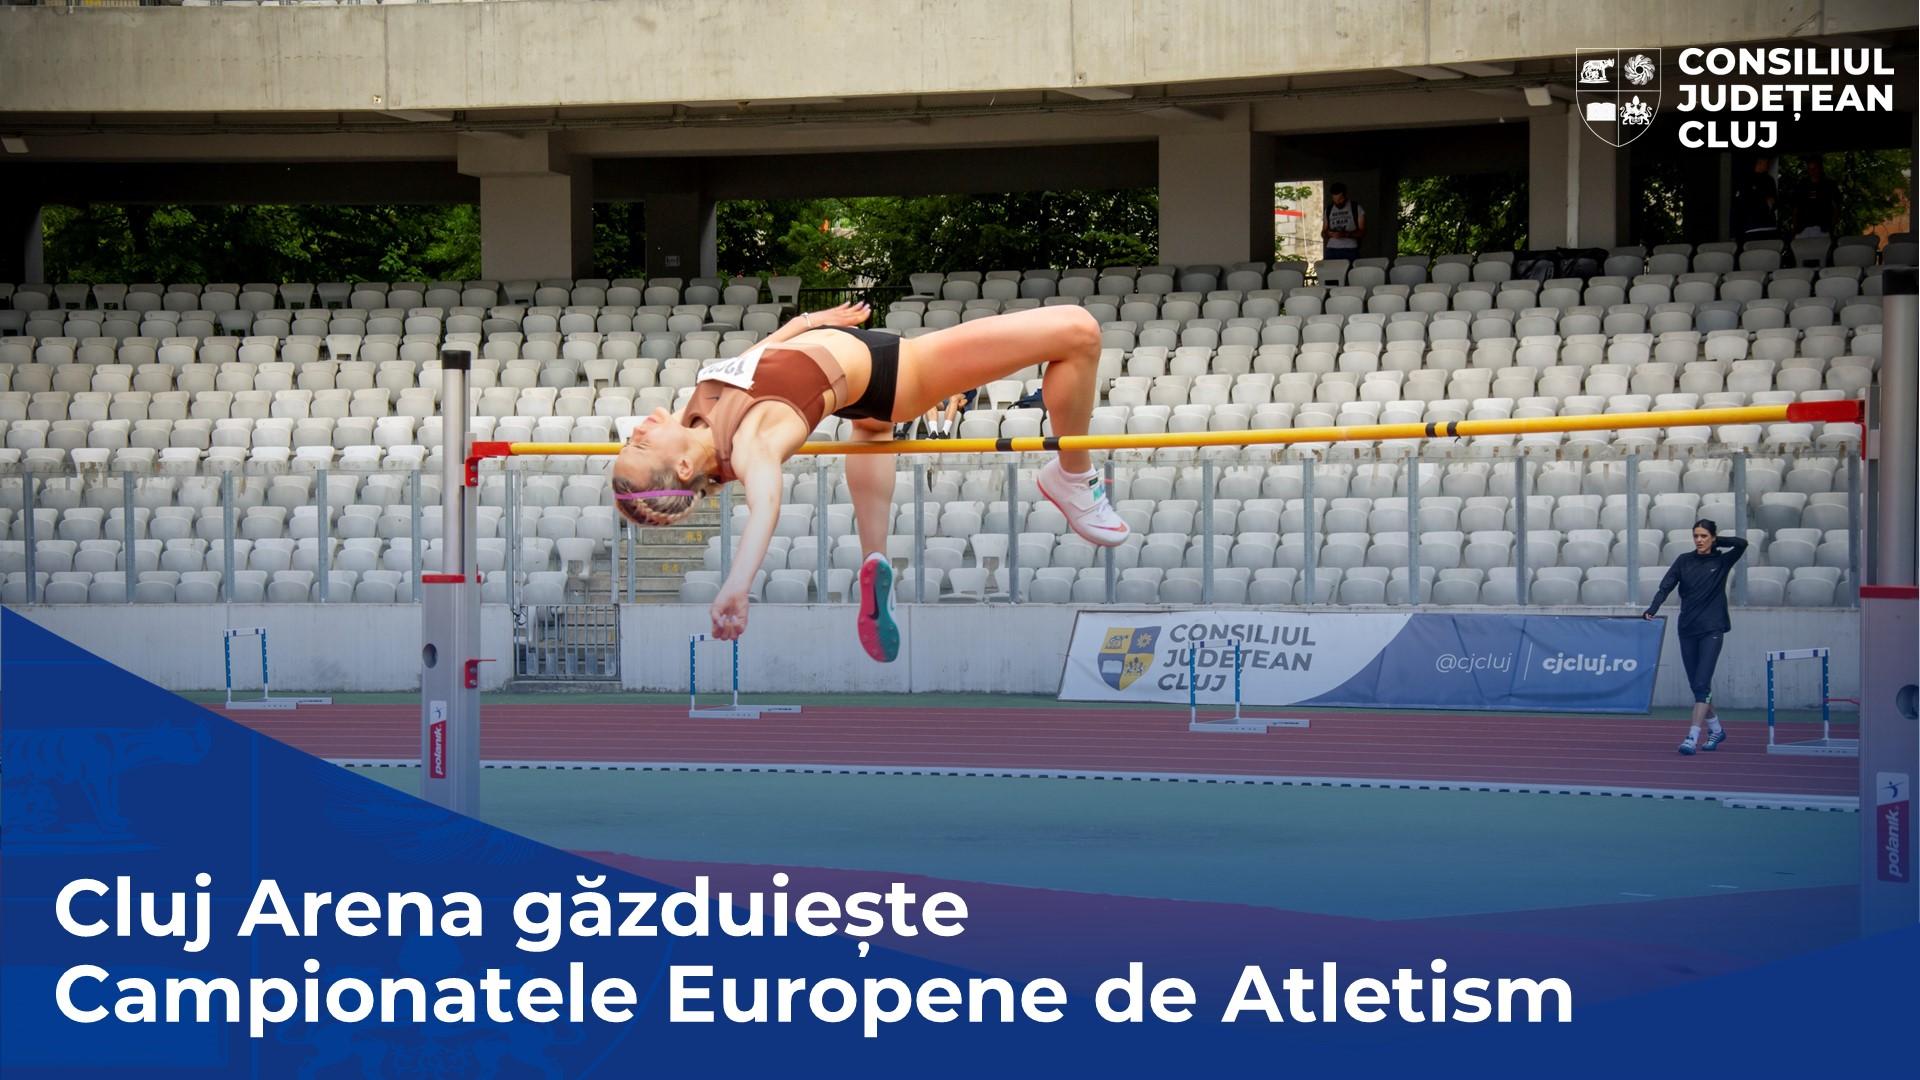 Campionatul European de Atletism Cluj Arena 2021 (2)